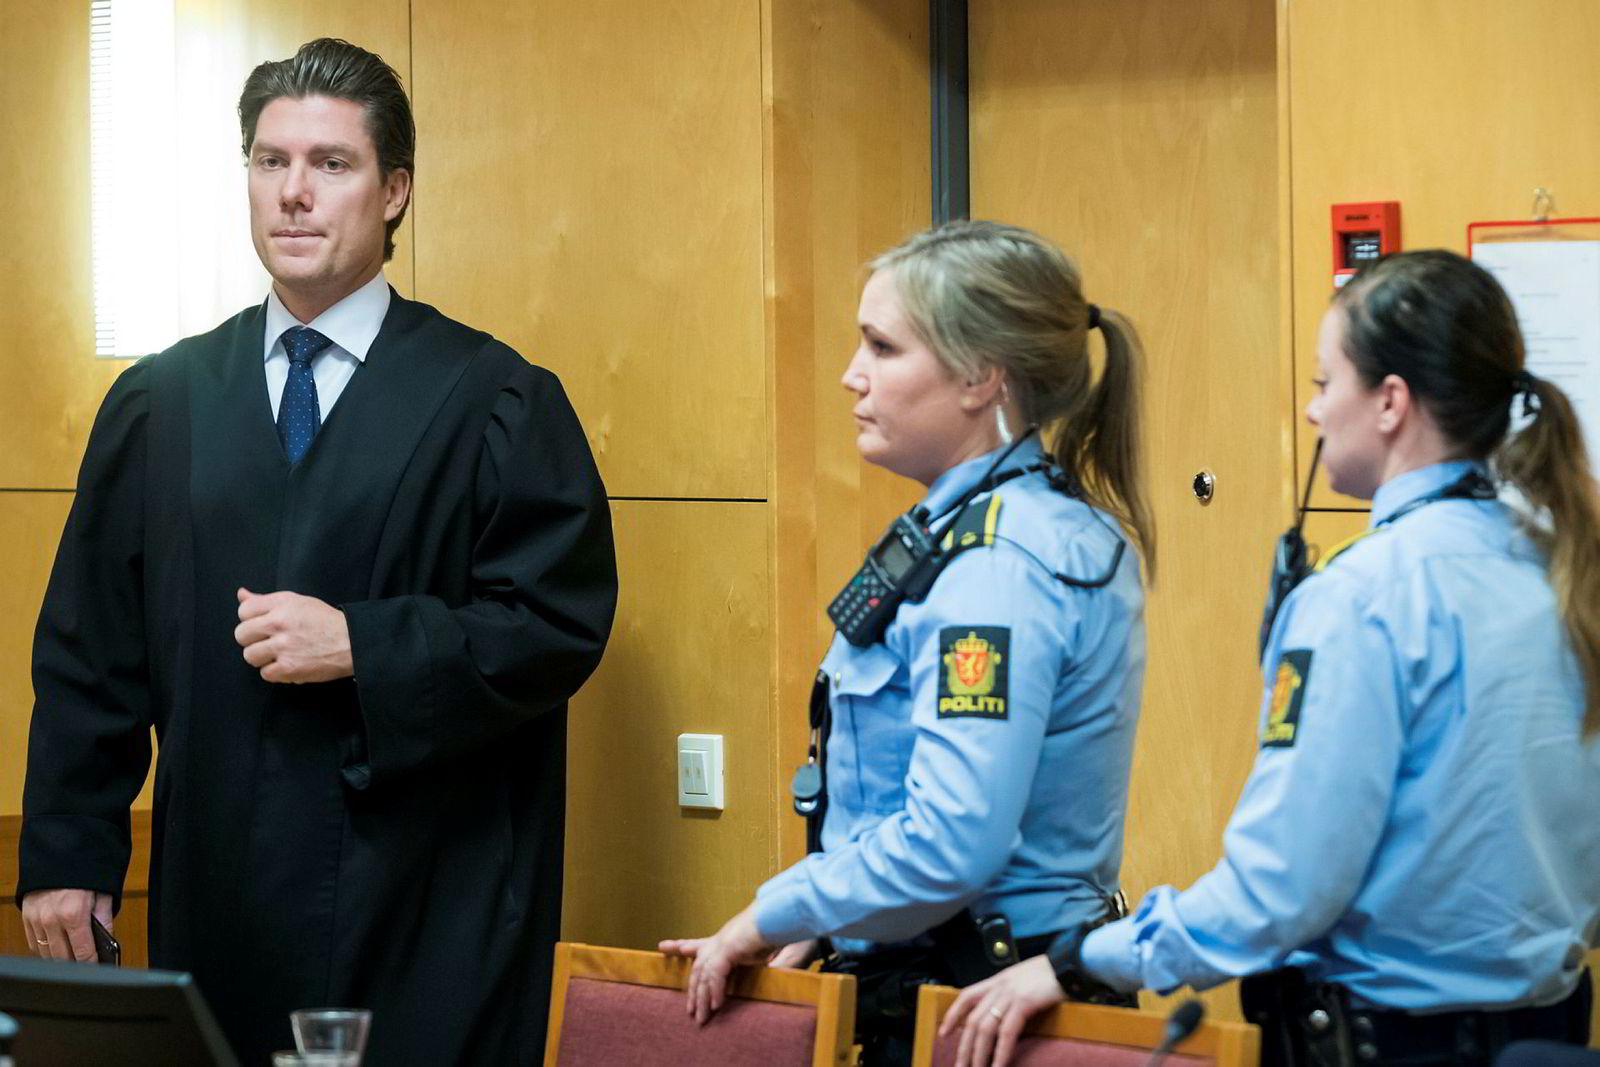 Advokat Christian Flemmen Johansen er partner i advokatfirmaet Elden. Han er også kjent som forsvarer for Janne Jemtlands drapstiltalte ektemann.